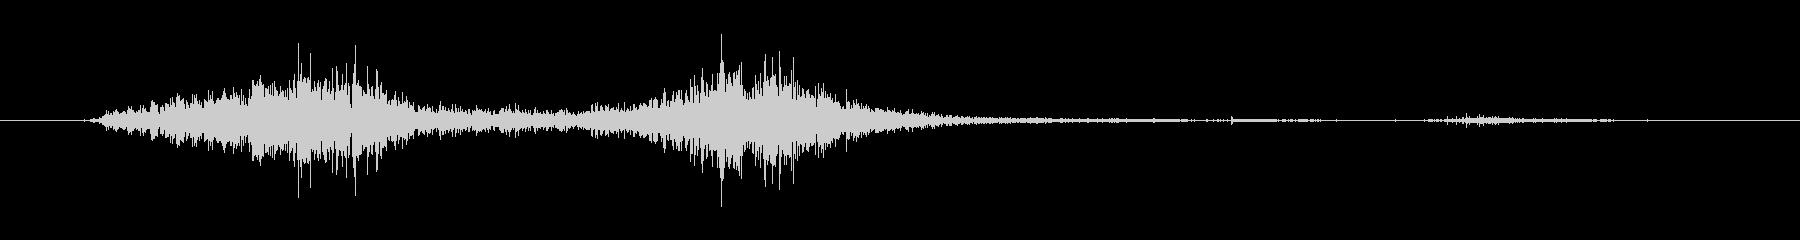 火 トーチヒューシュフラッターロング03の未再生の波形